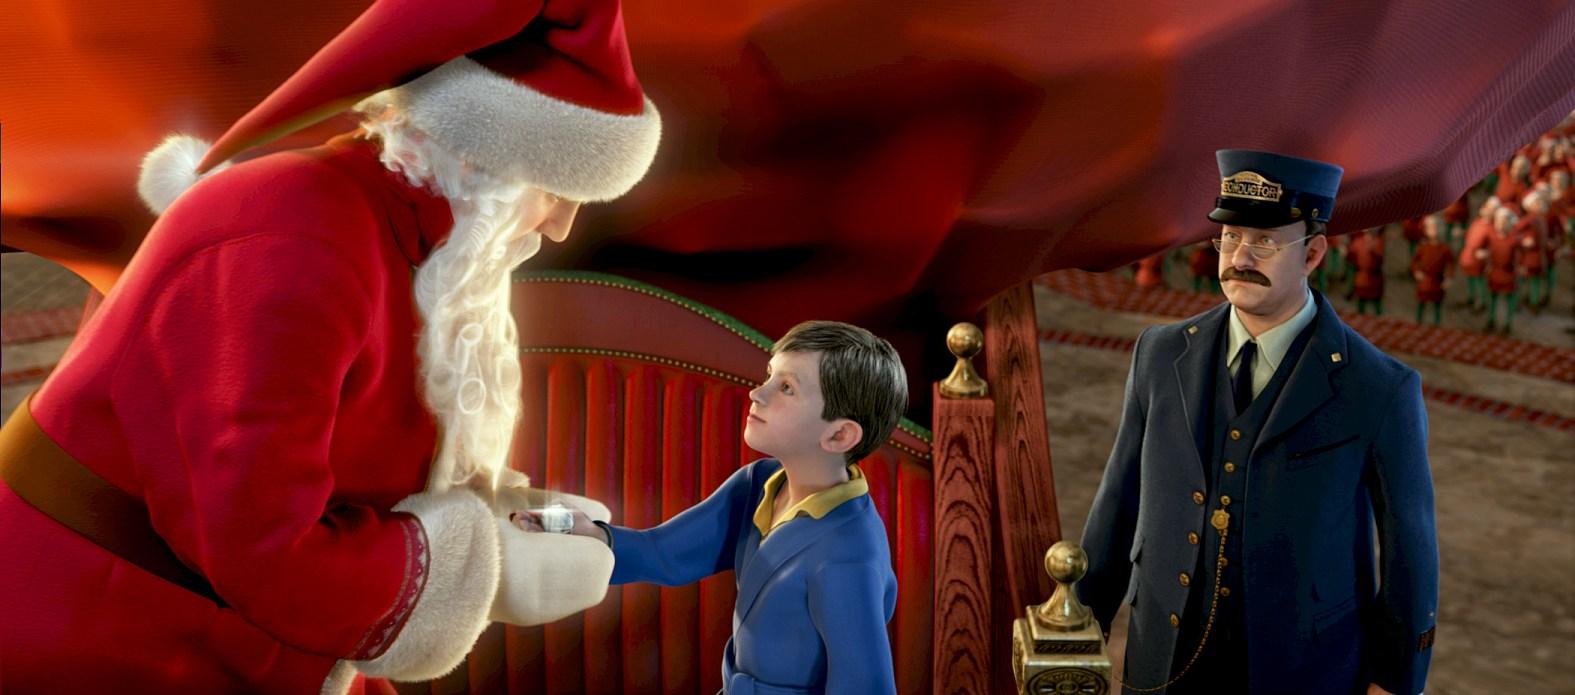 Boy meets Santa Polar Express 2004 disneyjuniorblog.blogspot.com